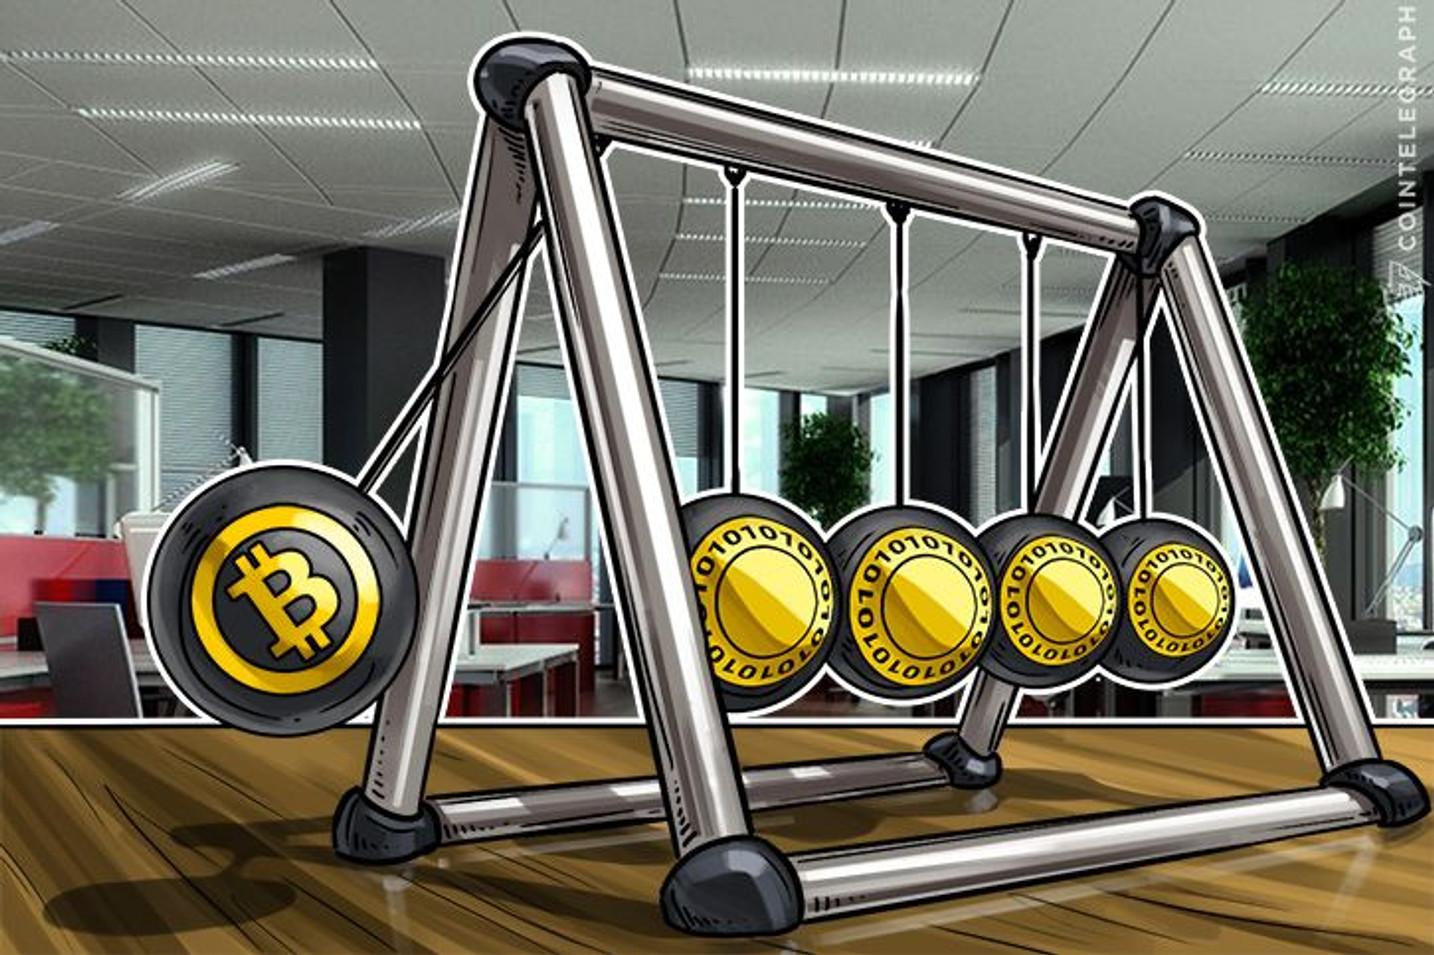 En lugar de $ 4.200, el Bitcoin actual costaría $7.000 si tuviese el dominio del mercado previo al 2017: Alistair Milne